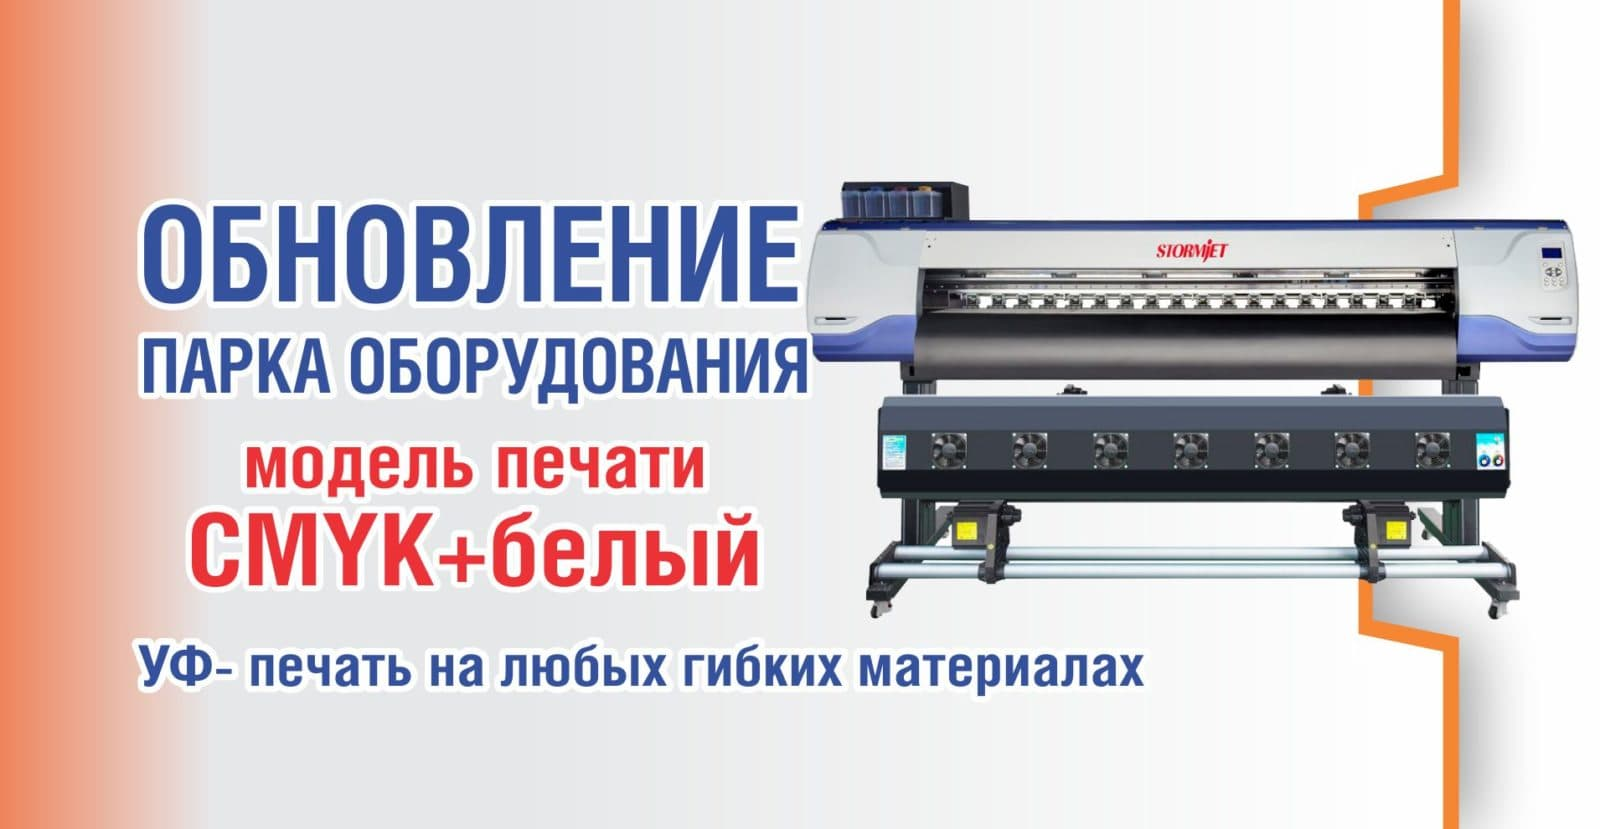 УФ принтер печать на гибких материалах